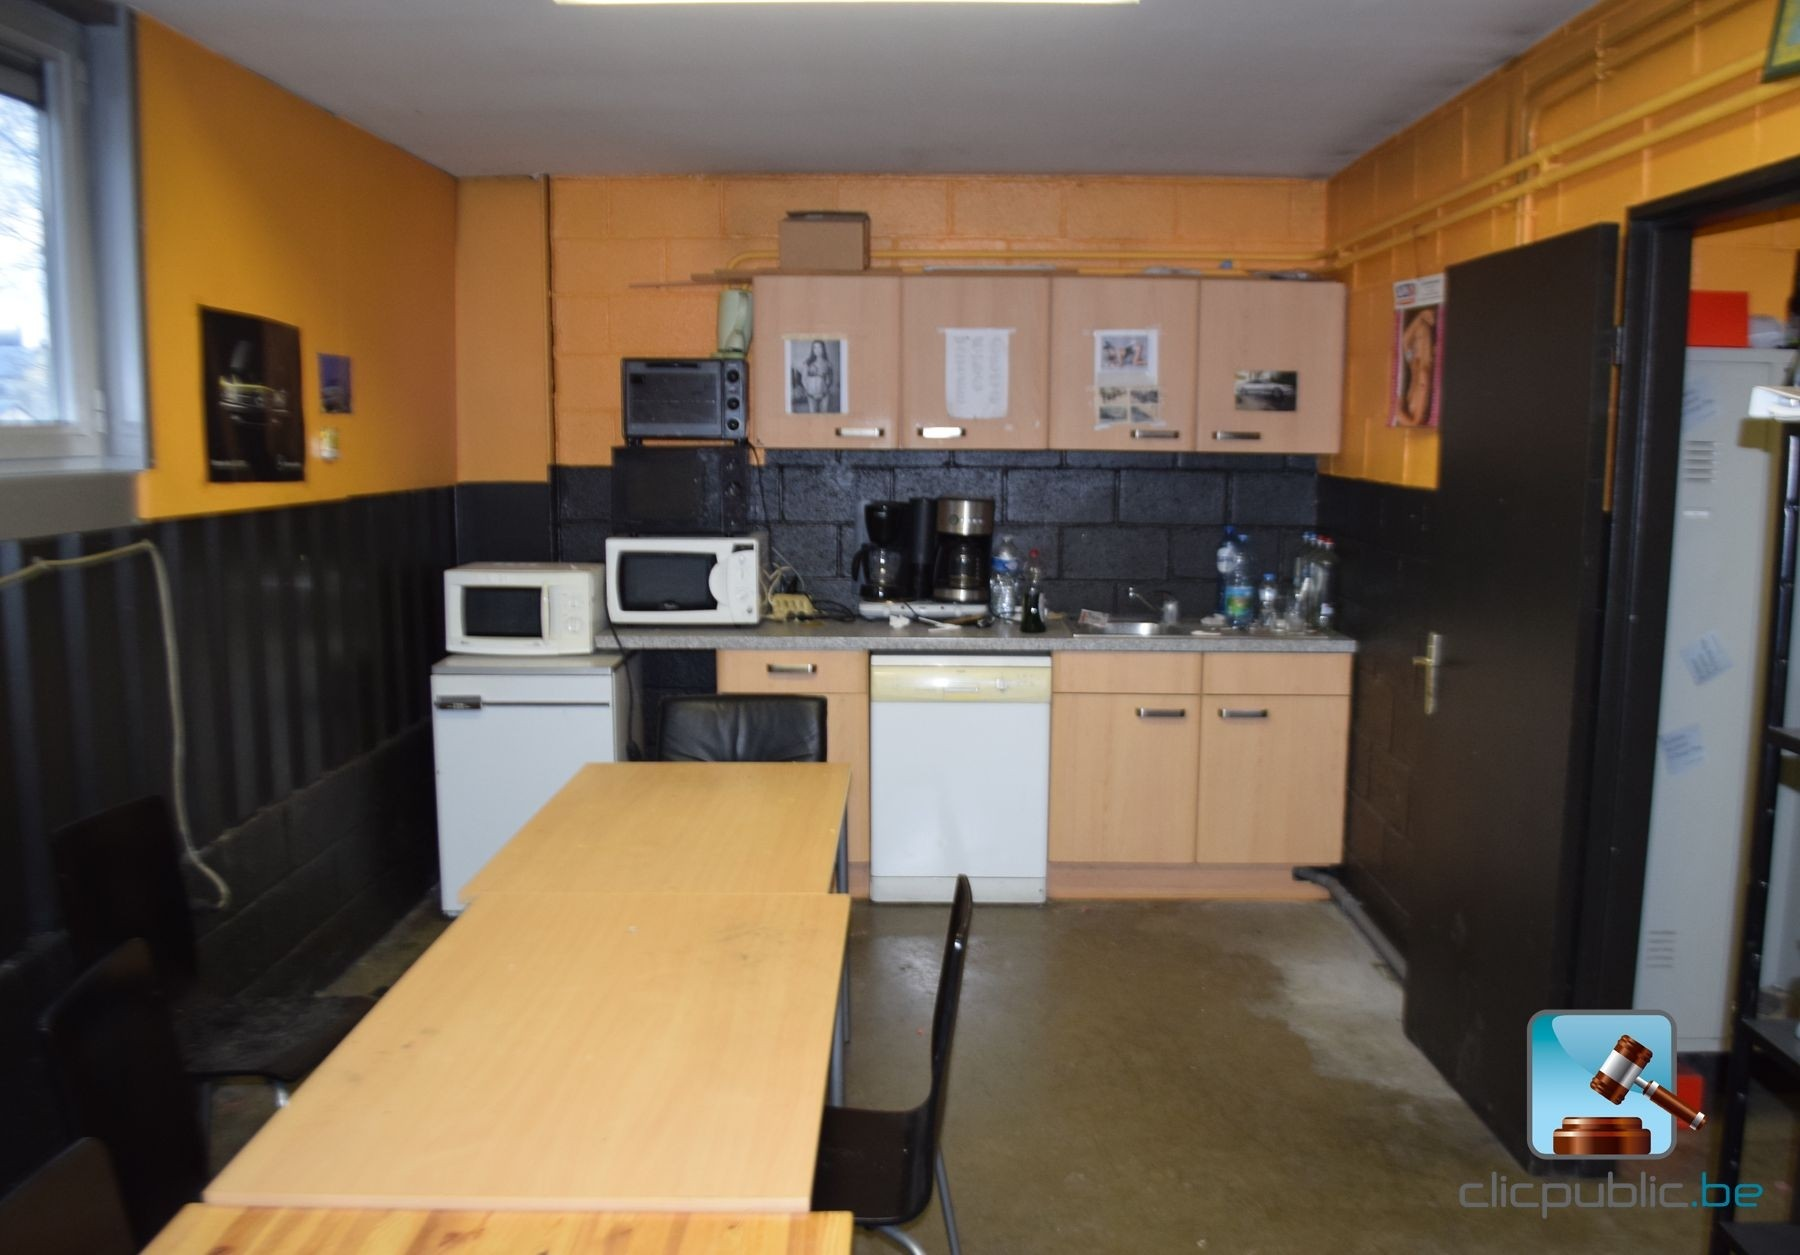 cuisine semi quip e electro et mobilier ref 52 vendre sur. Black Bedroom Furniture Sets. Home Design Ideas